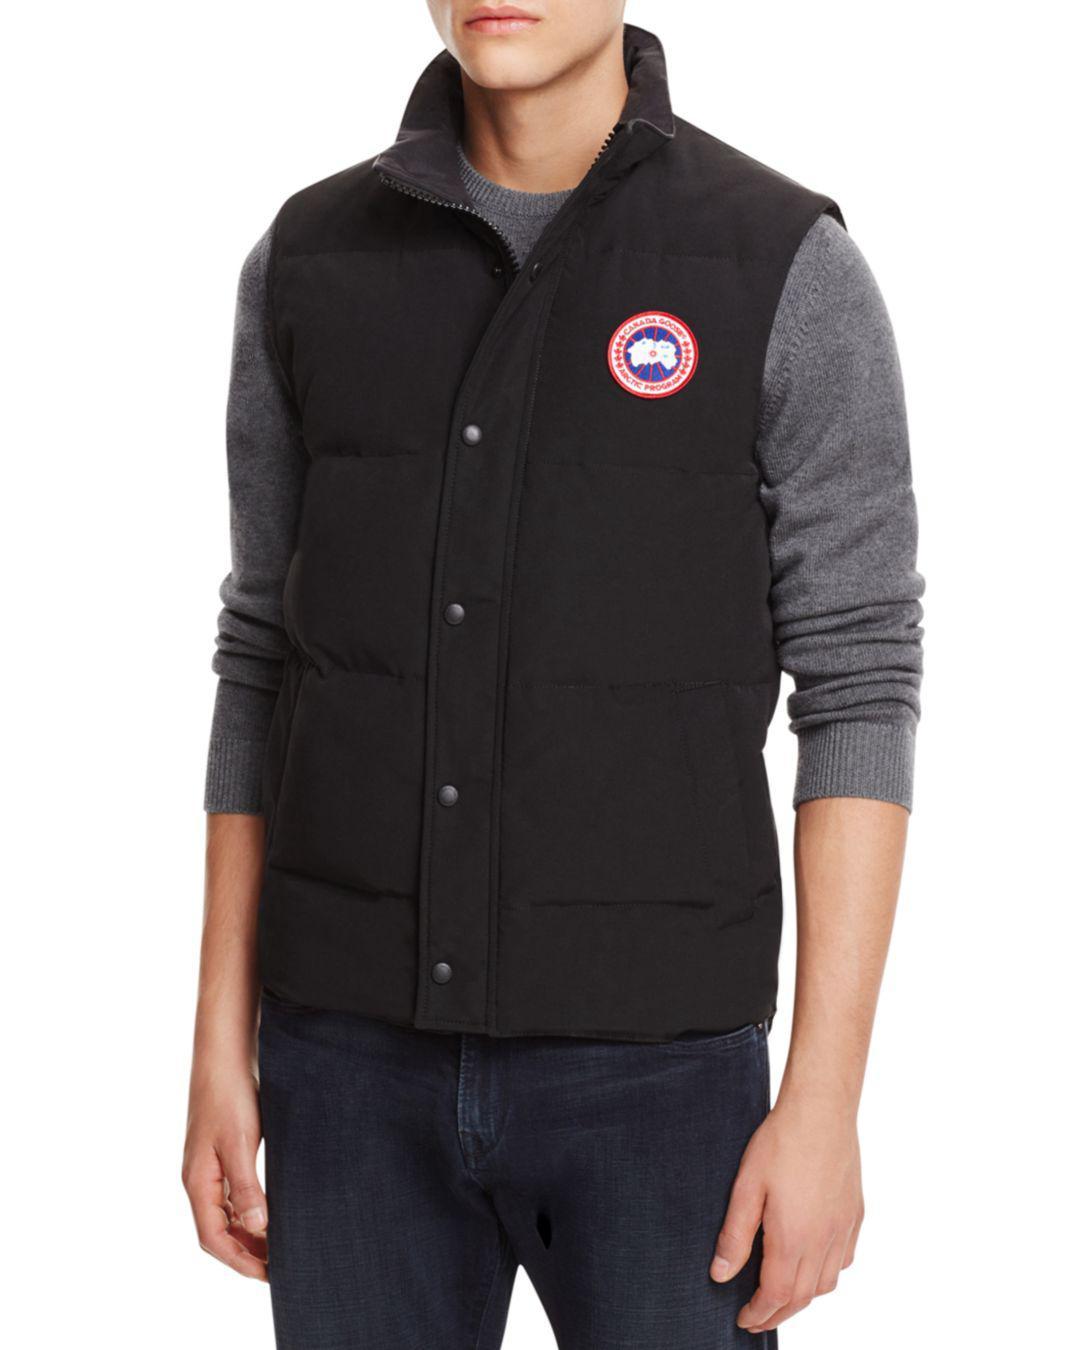 40191b4e4b6e5 ... 50% off lyst canada goose garson down vest in black for men 9e729 13334